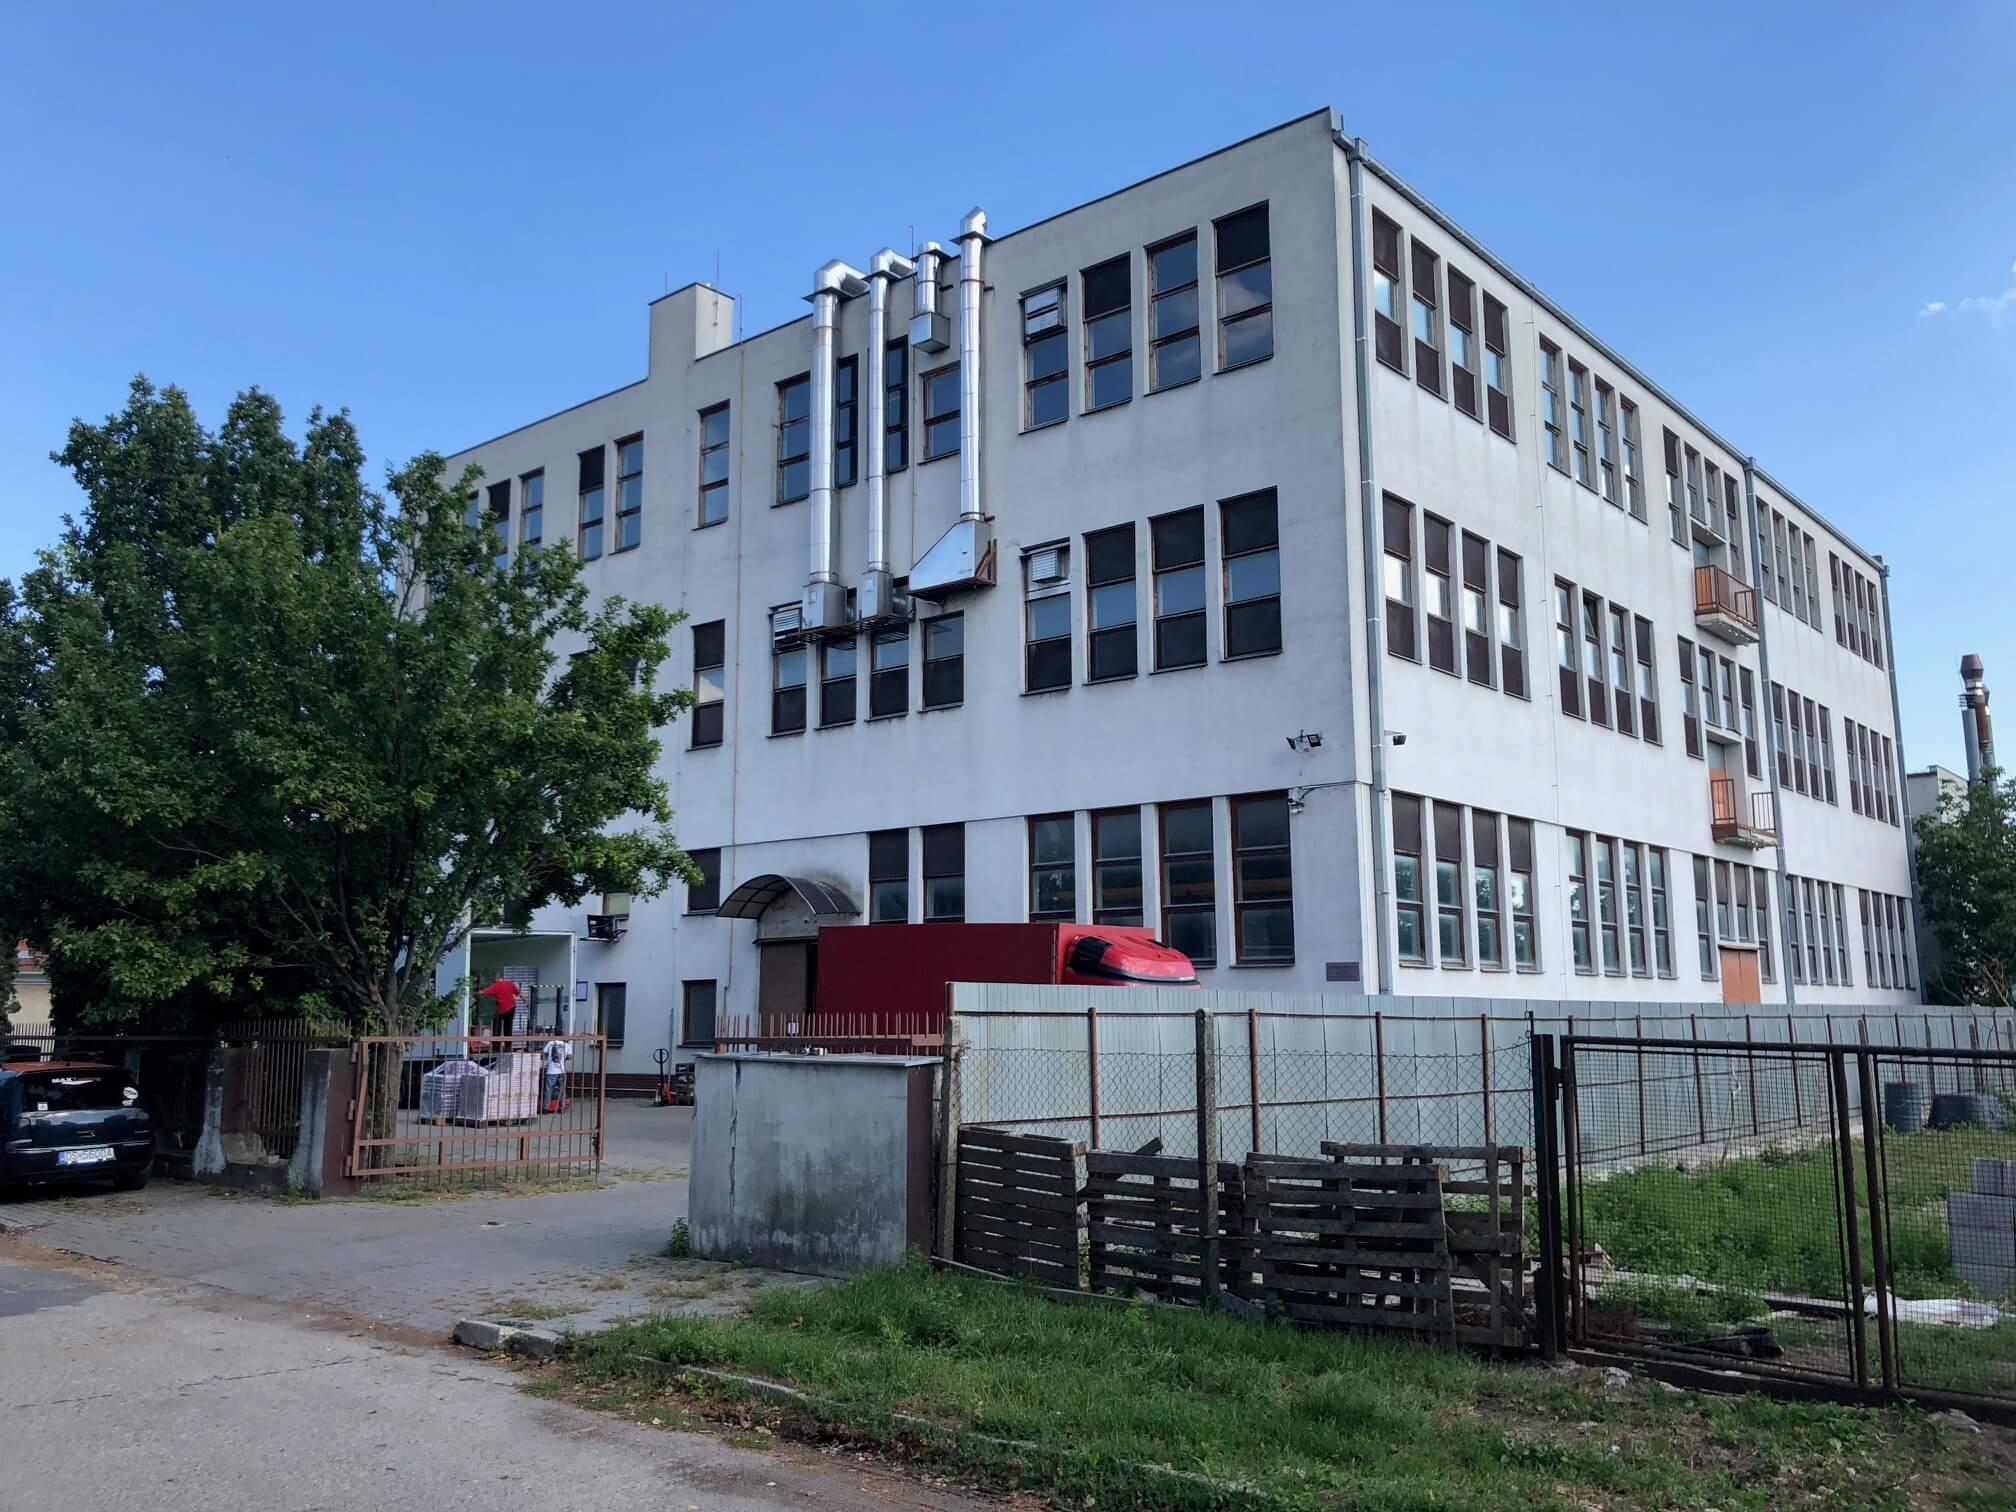 Na prenájom Budova skladov a výrobne v Dunajskej Strede, Drevárska, pozemok 2272m2, spolu 4 podlažia 4767m2-0